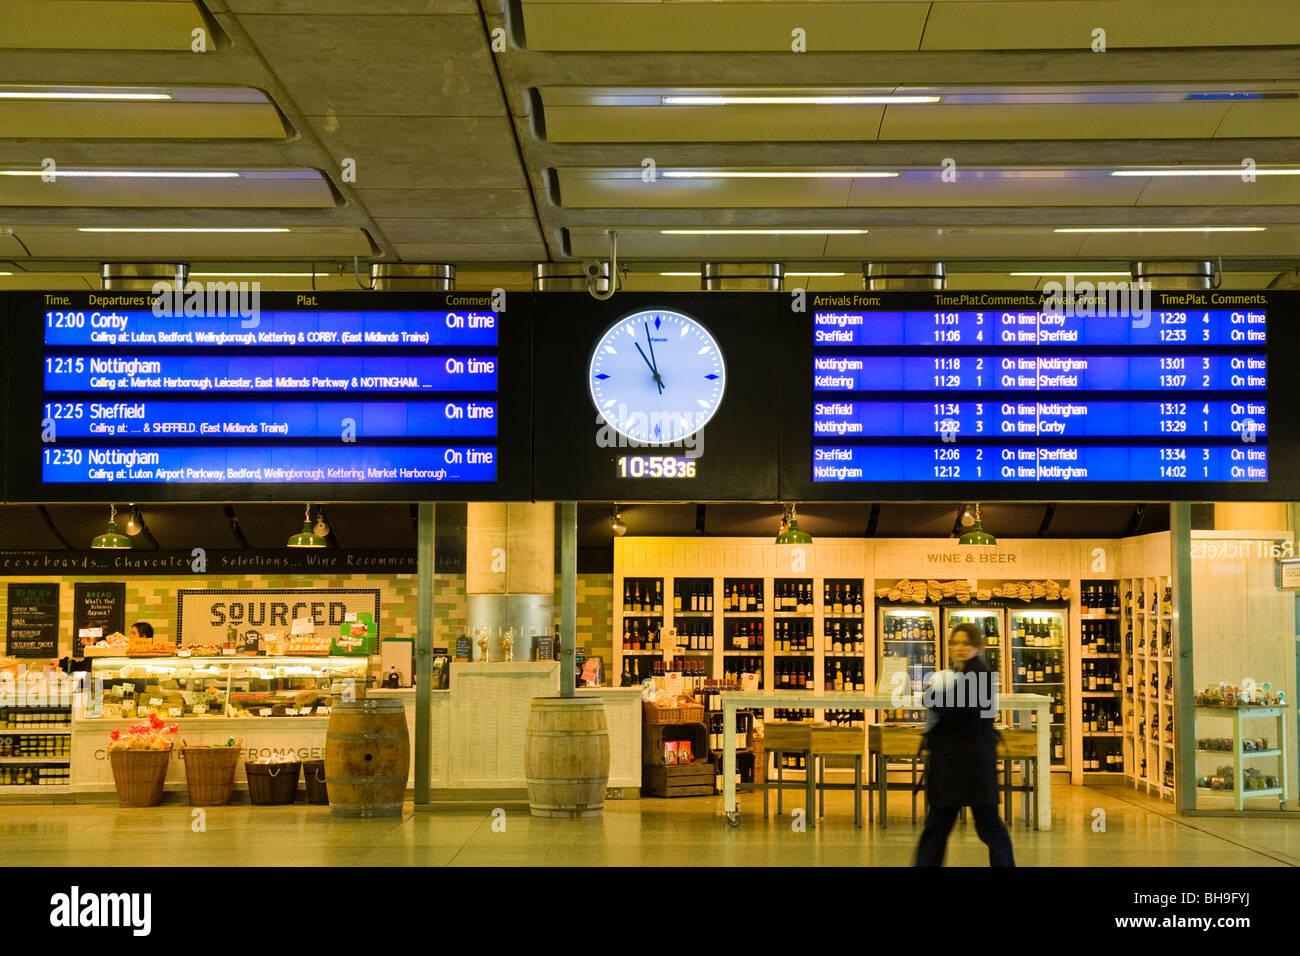 London St Pancras Station Abflug- und Ankunftszeiten noticeboard oder mit analogen und digitalen Uhren in der internationalen Stockbild